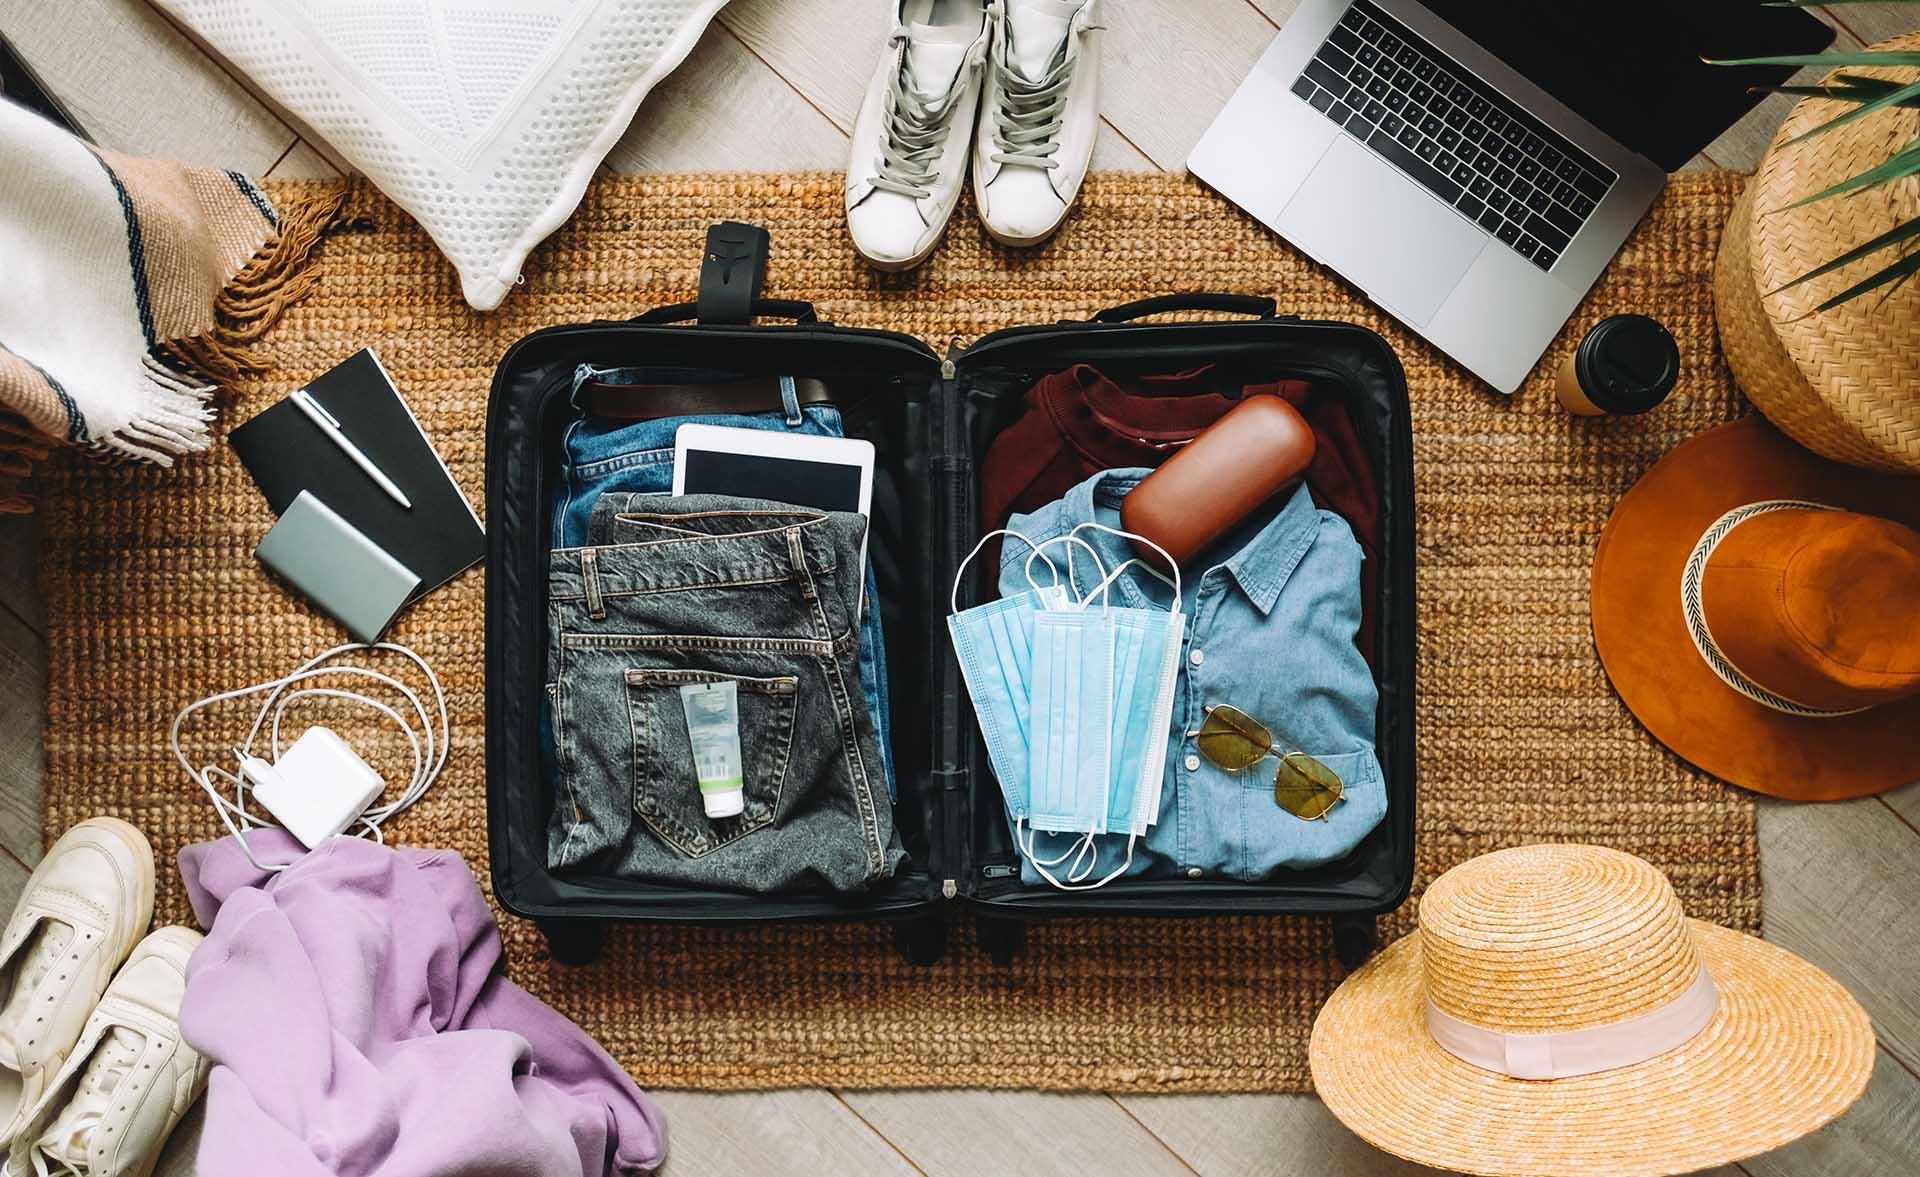 Jak vybrat cestovní pojištění, které pomůže i při covidu